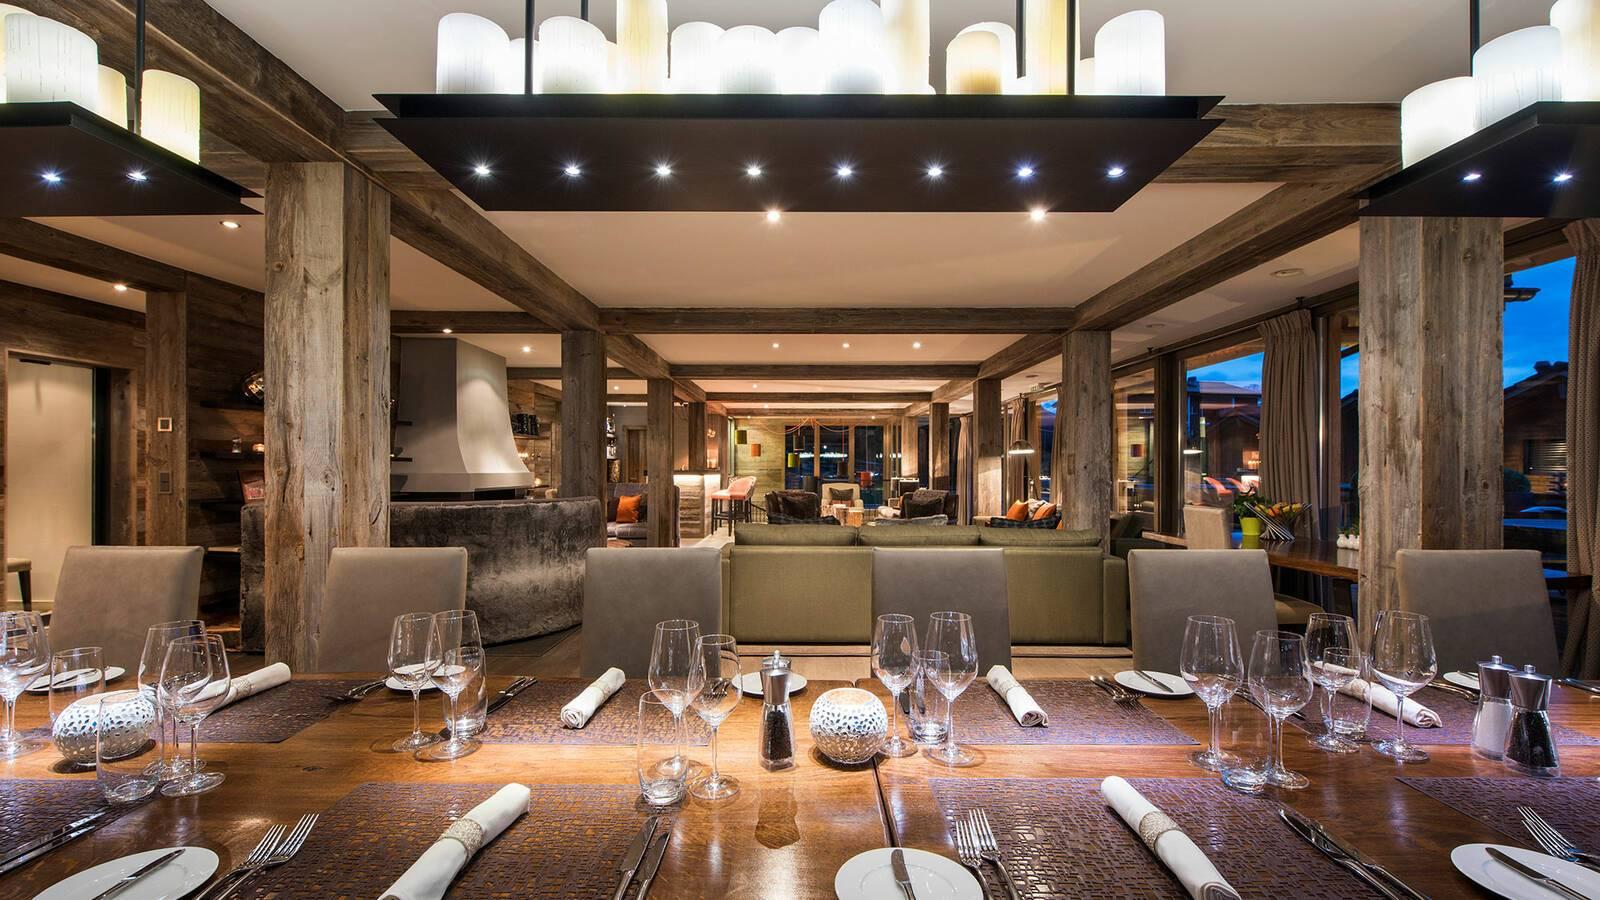 The Lodge Verbier Suisse Virgin Restaurant